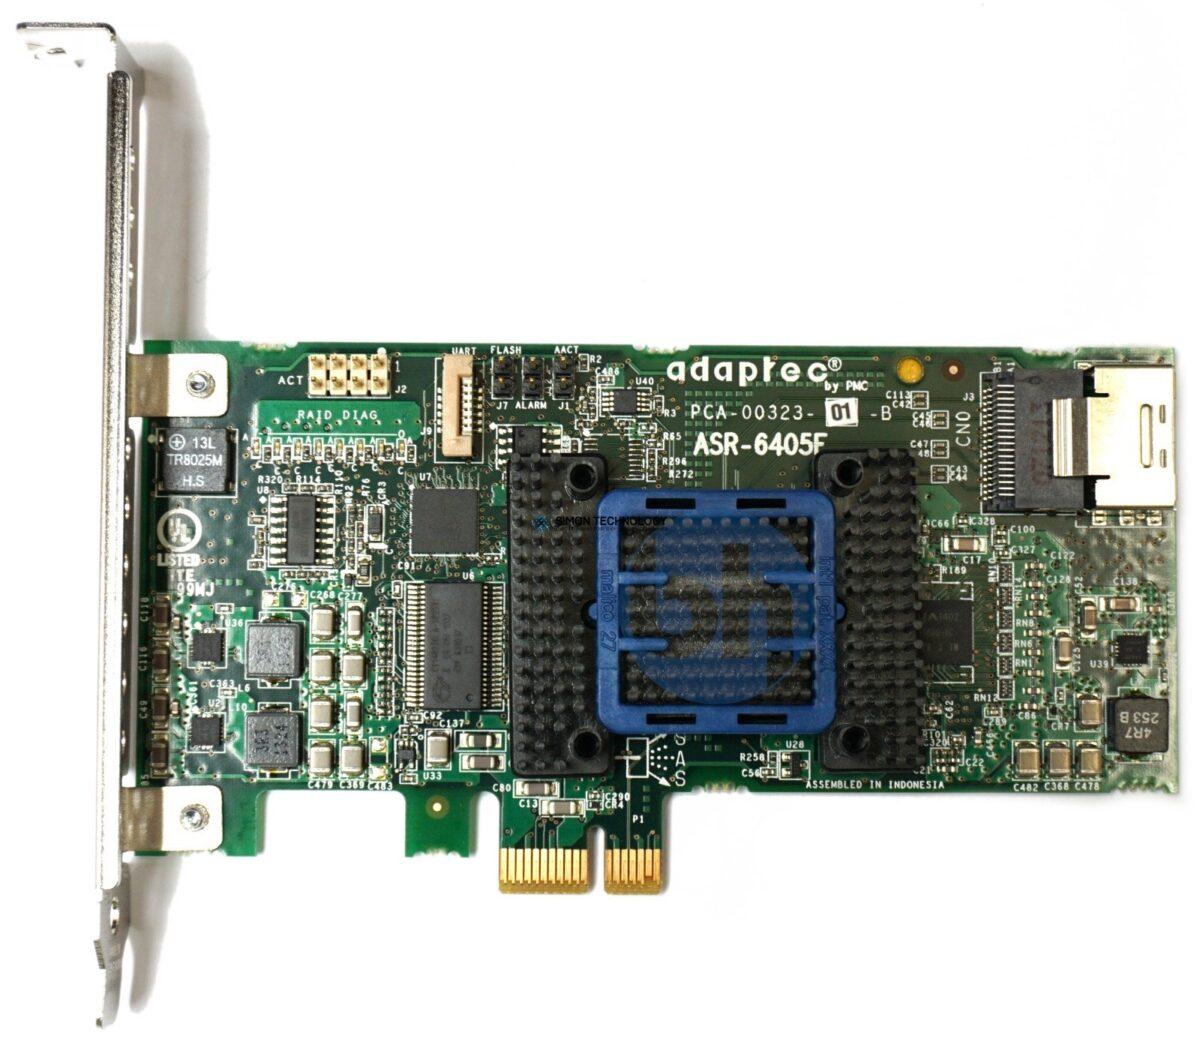 Adaptec Adaptec RAID-Controller ASR-6405E 4-CH 128MB SAS 6 PCI-E x1 LP - (TCA-00323-01-B)